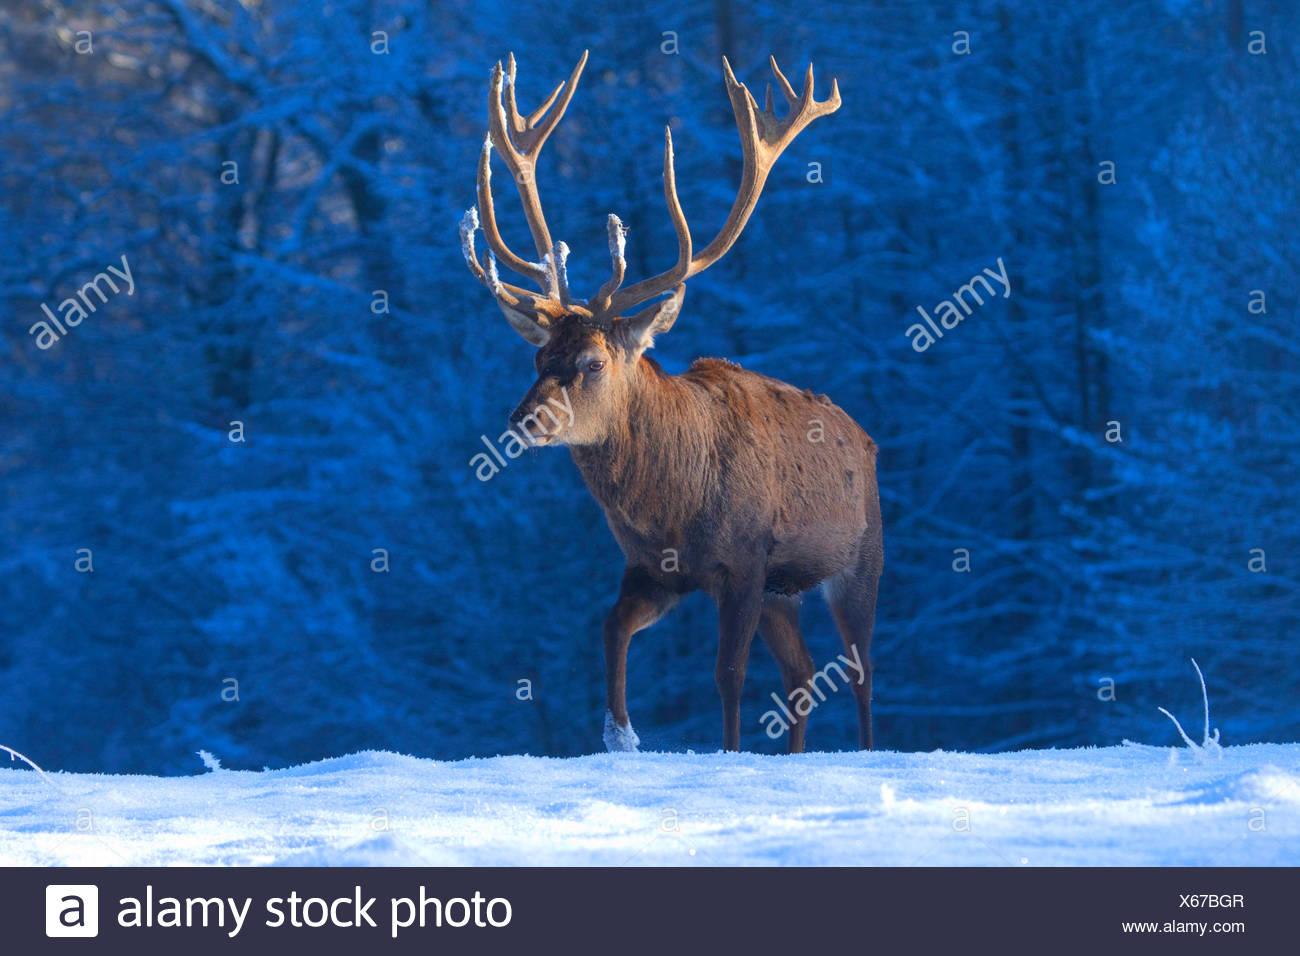 red deer (Cervus elaphus), stag in winter, Germany, North Rhine-Westphalia - Stock Image